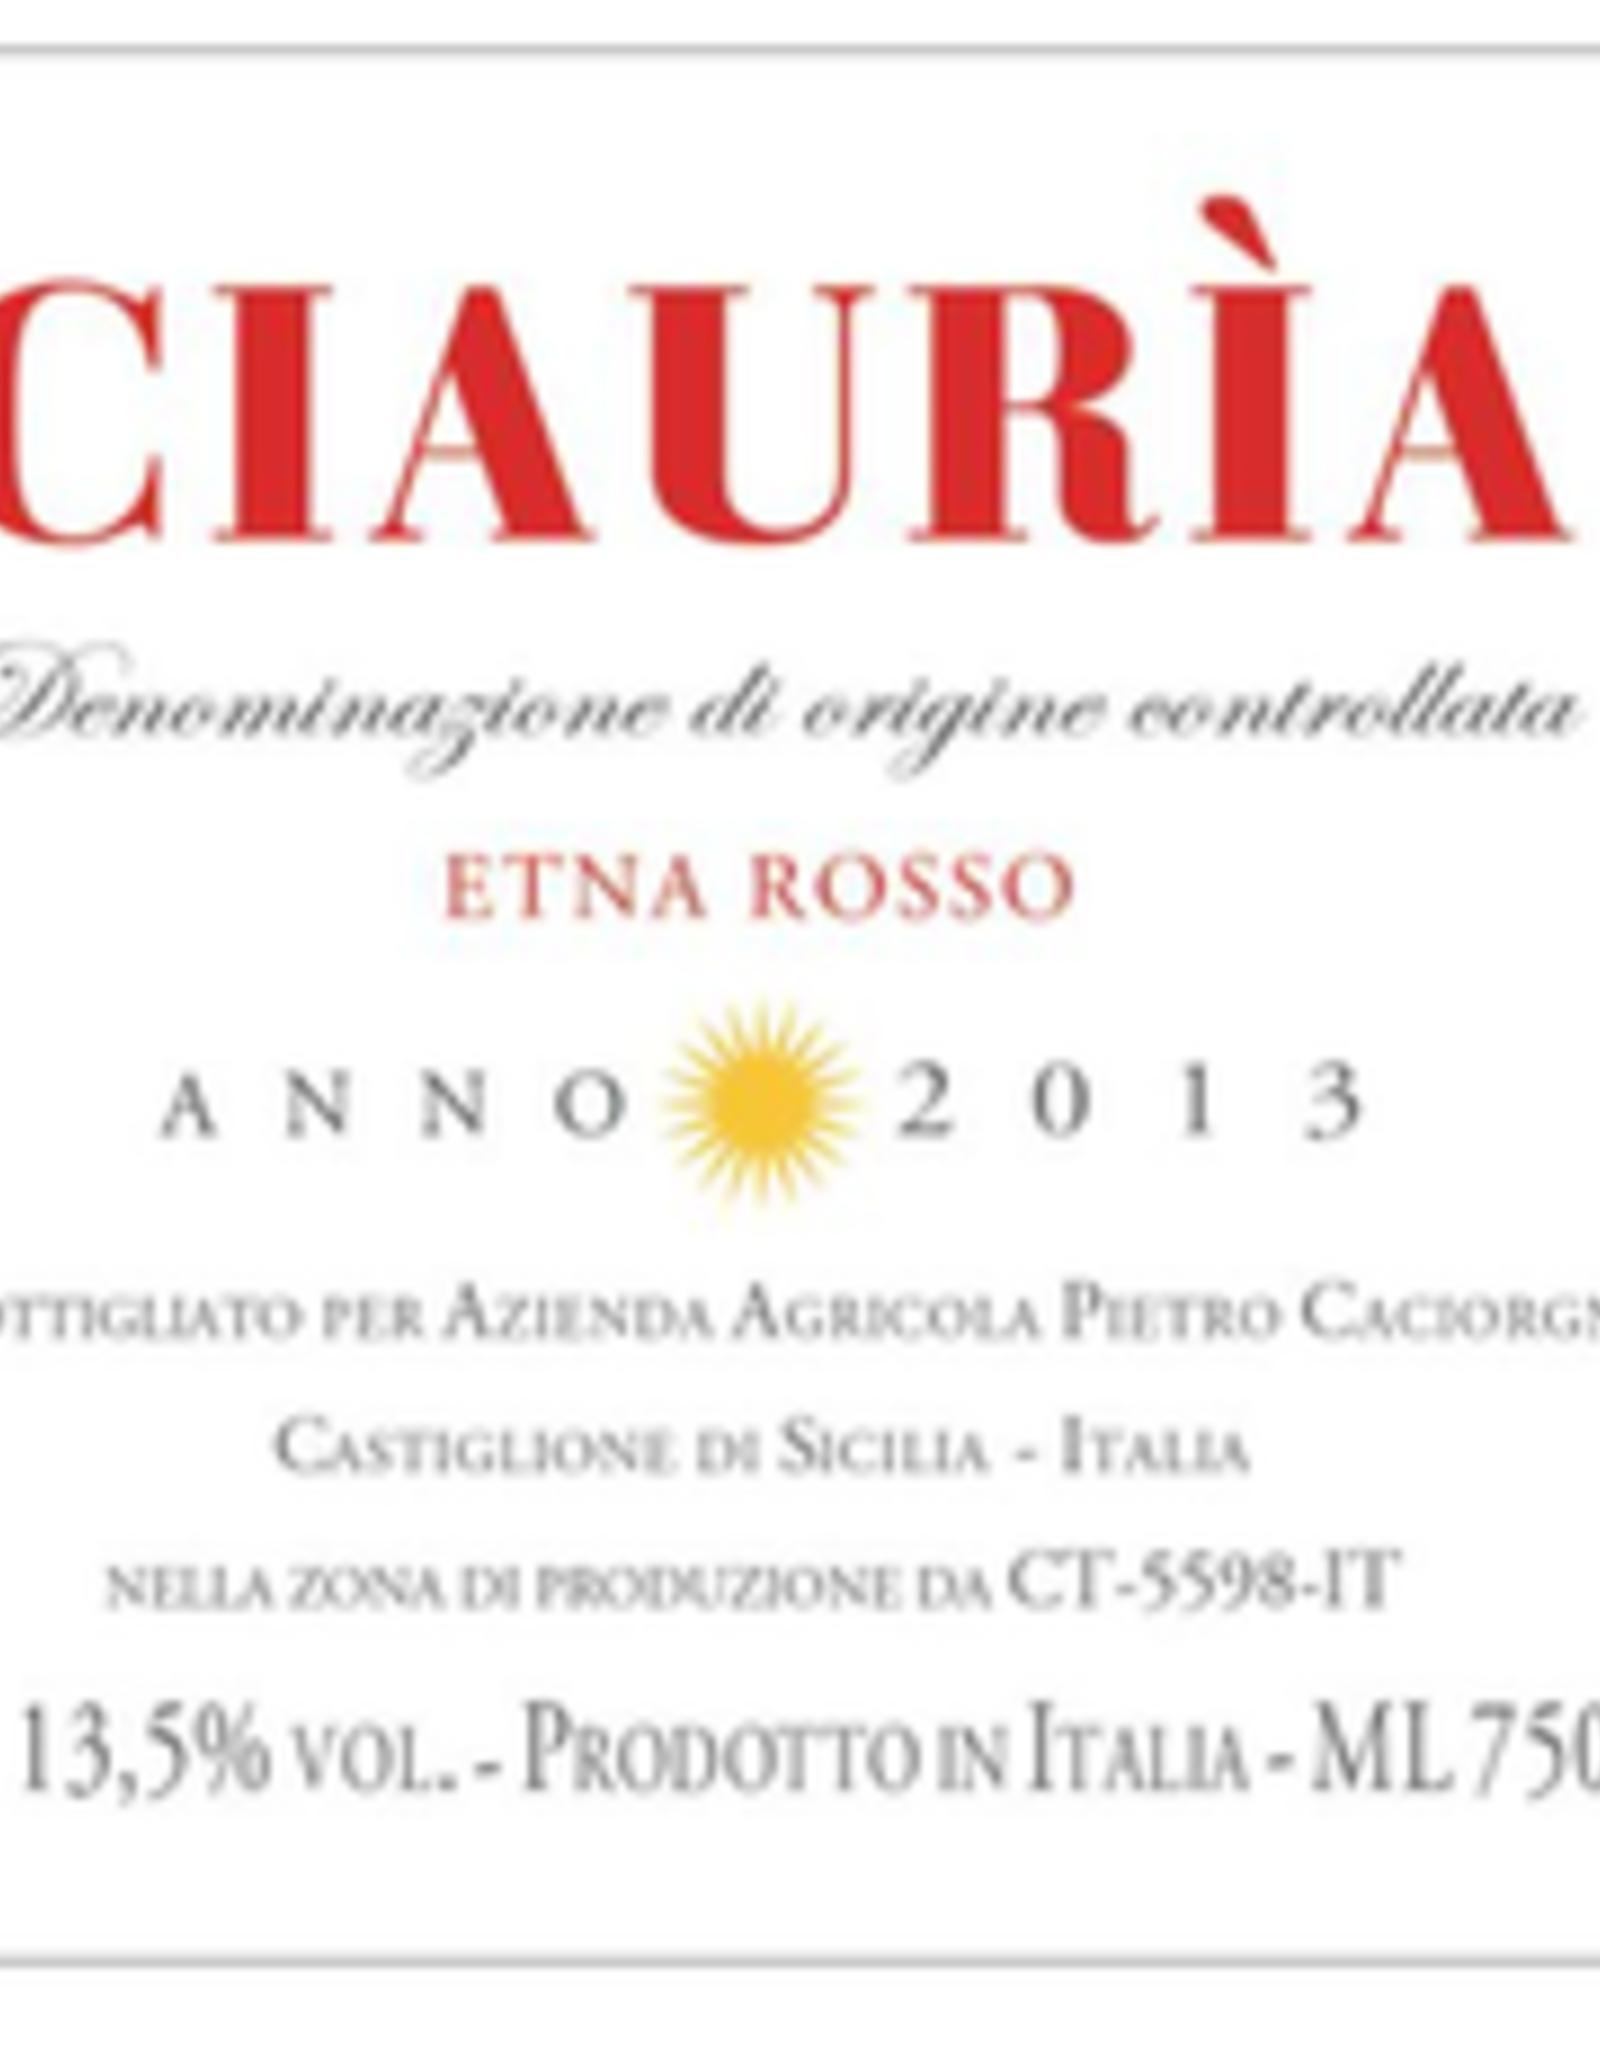 Etna ROSSO, CIAURIA, Pietro Caciorgna 2018